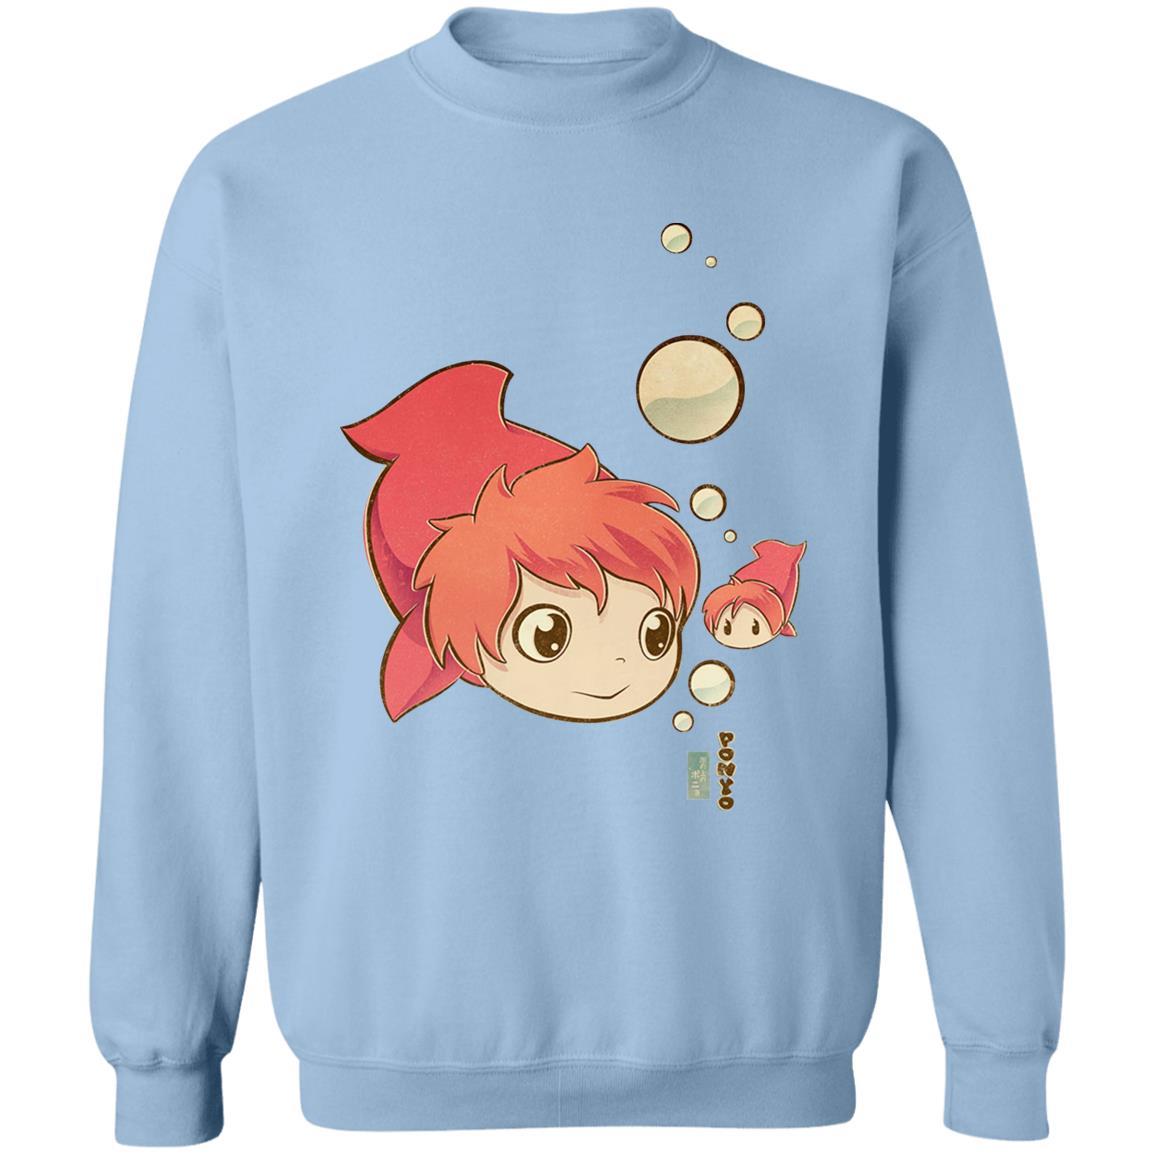 Ponyo Chibi Sweatshirt